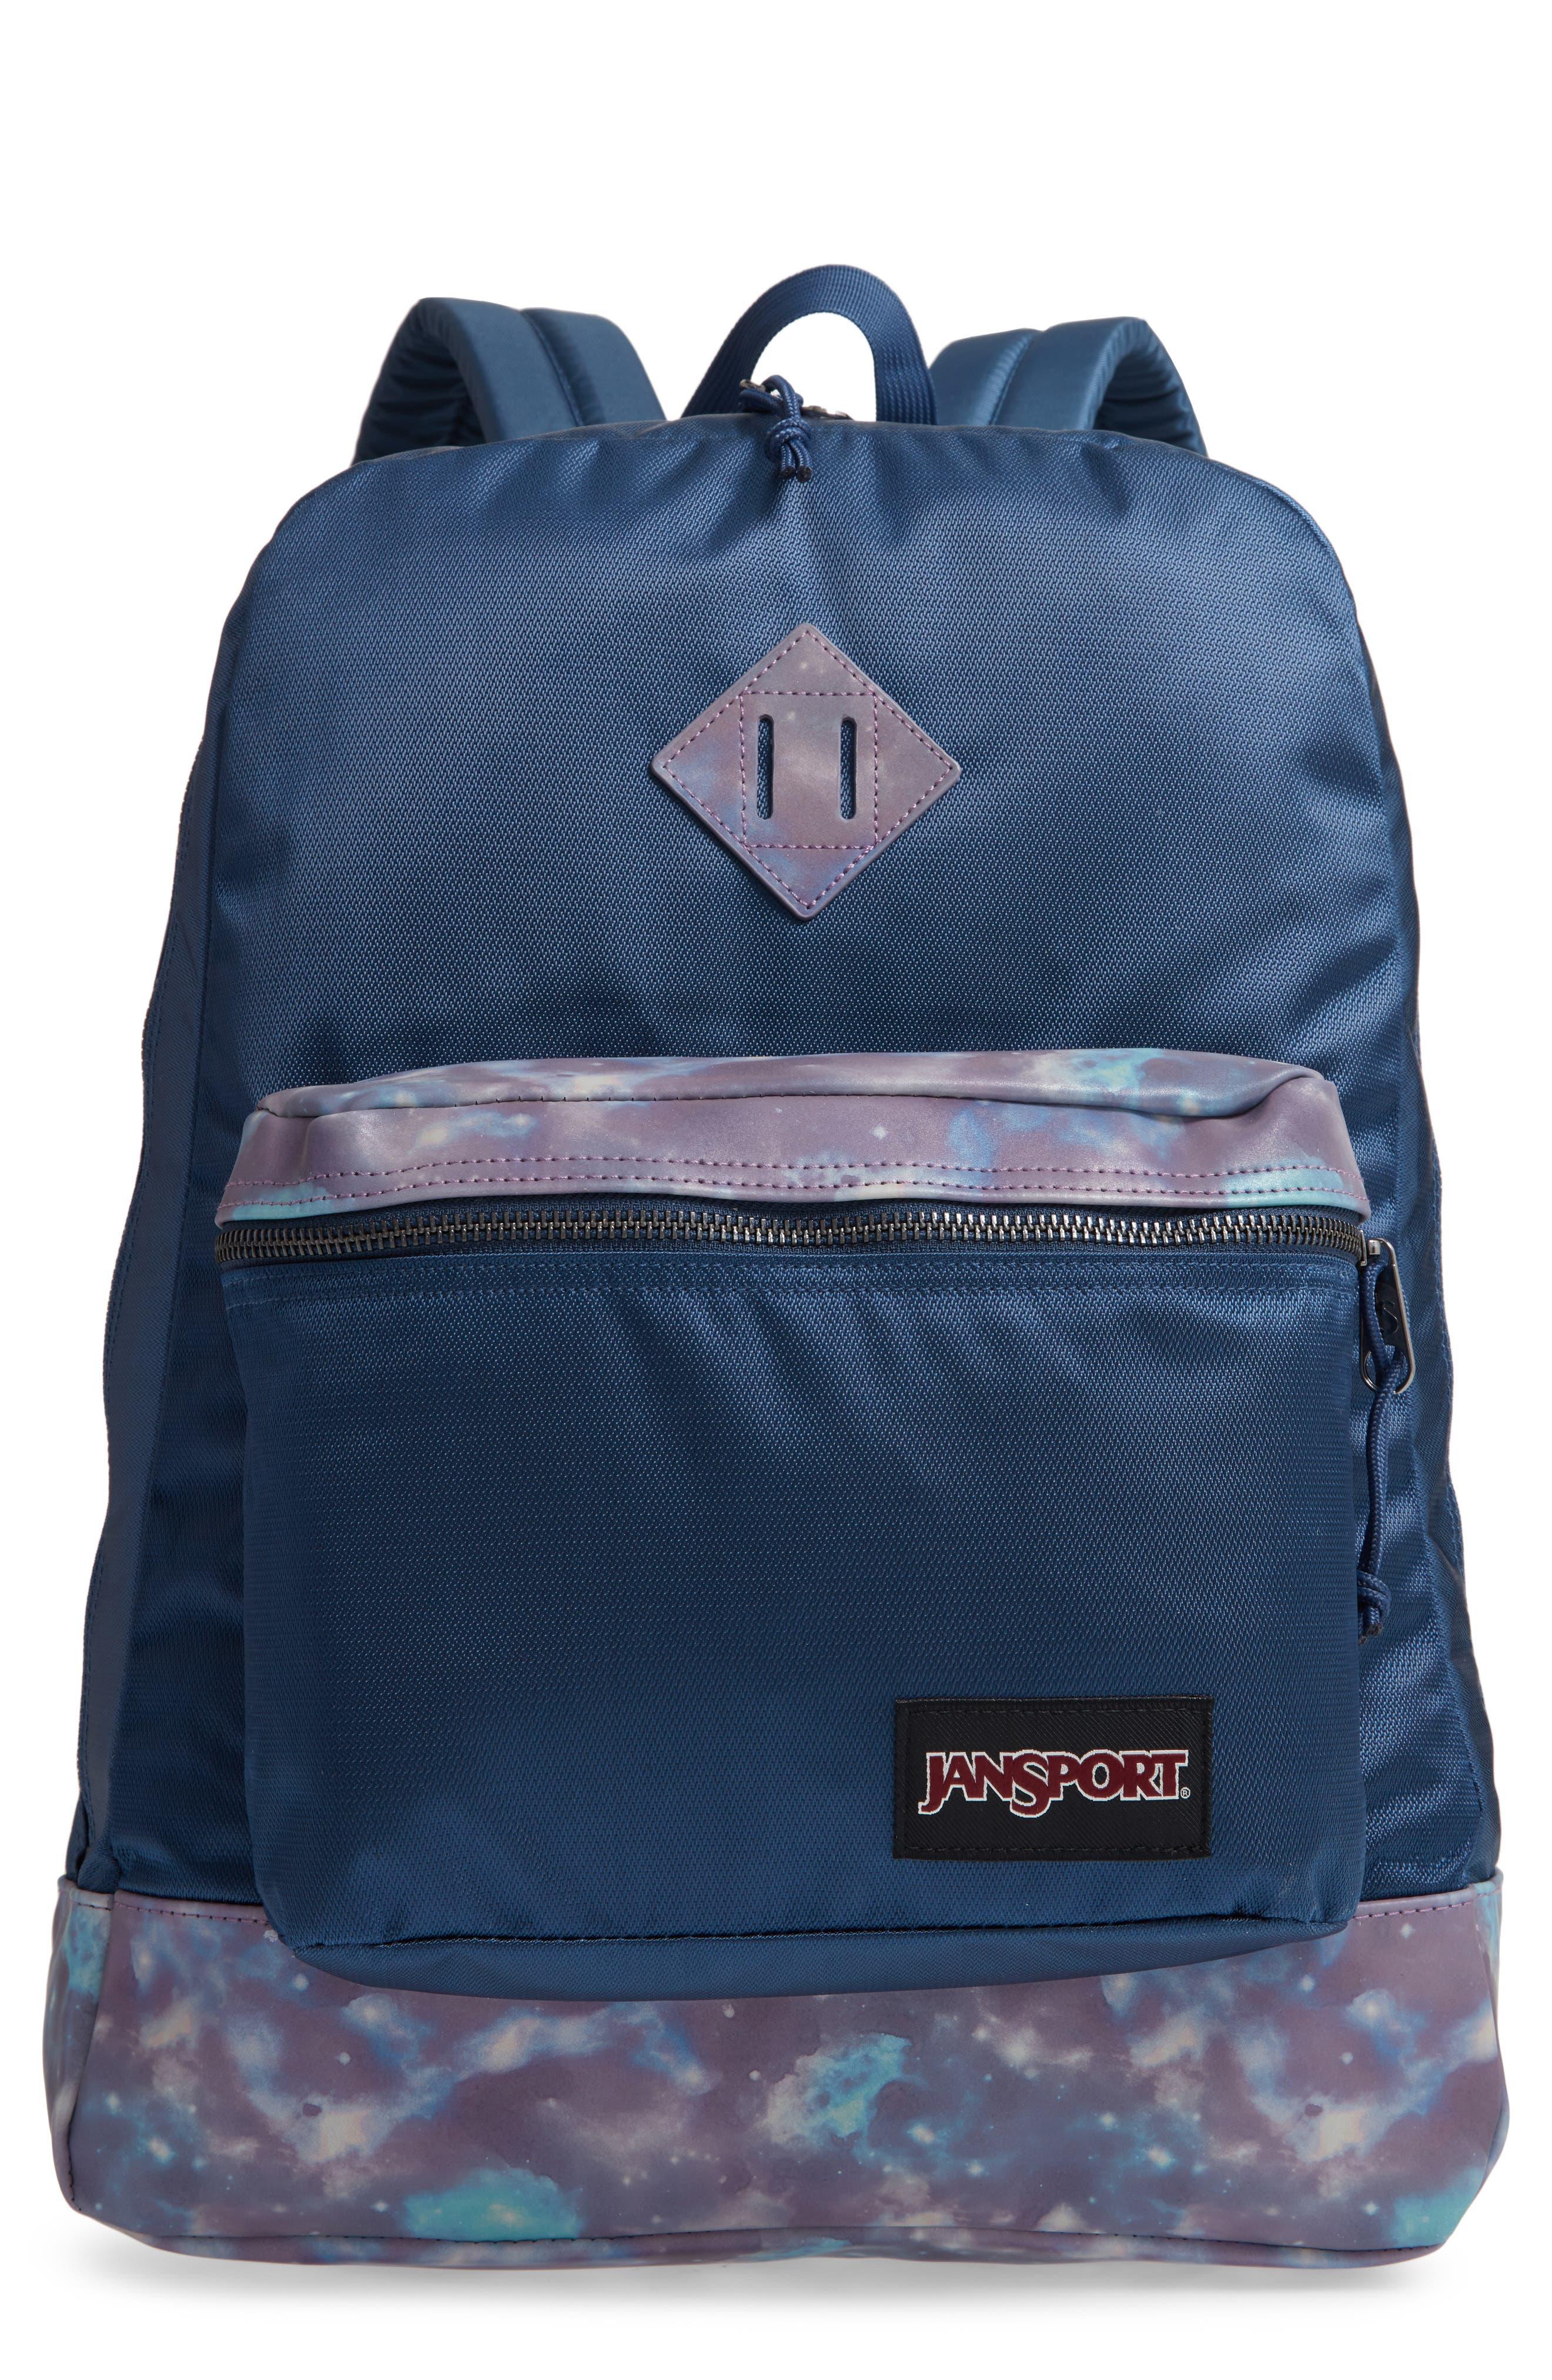 Women's Jansport Backpacks | Nordstrom